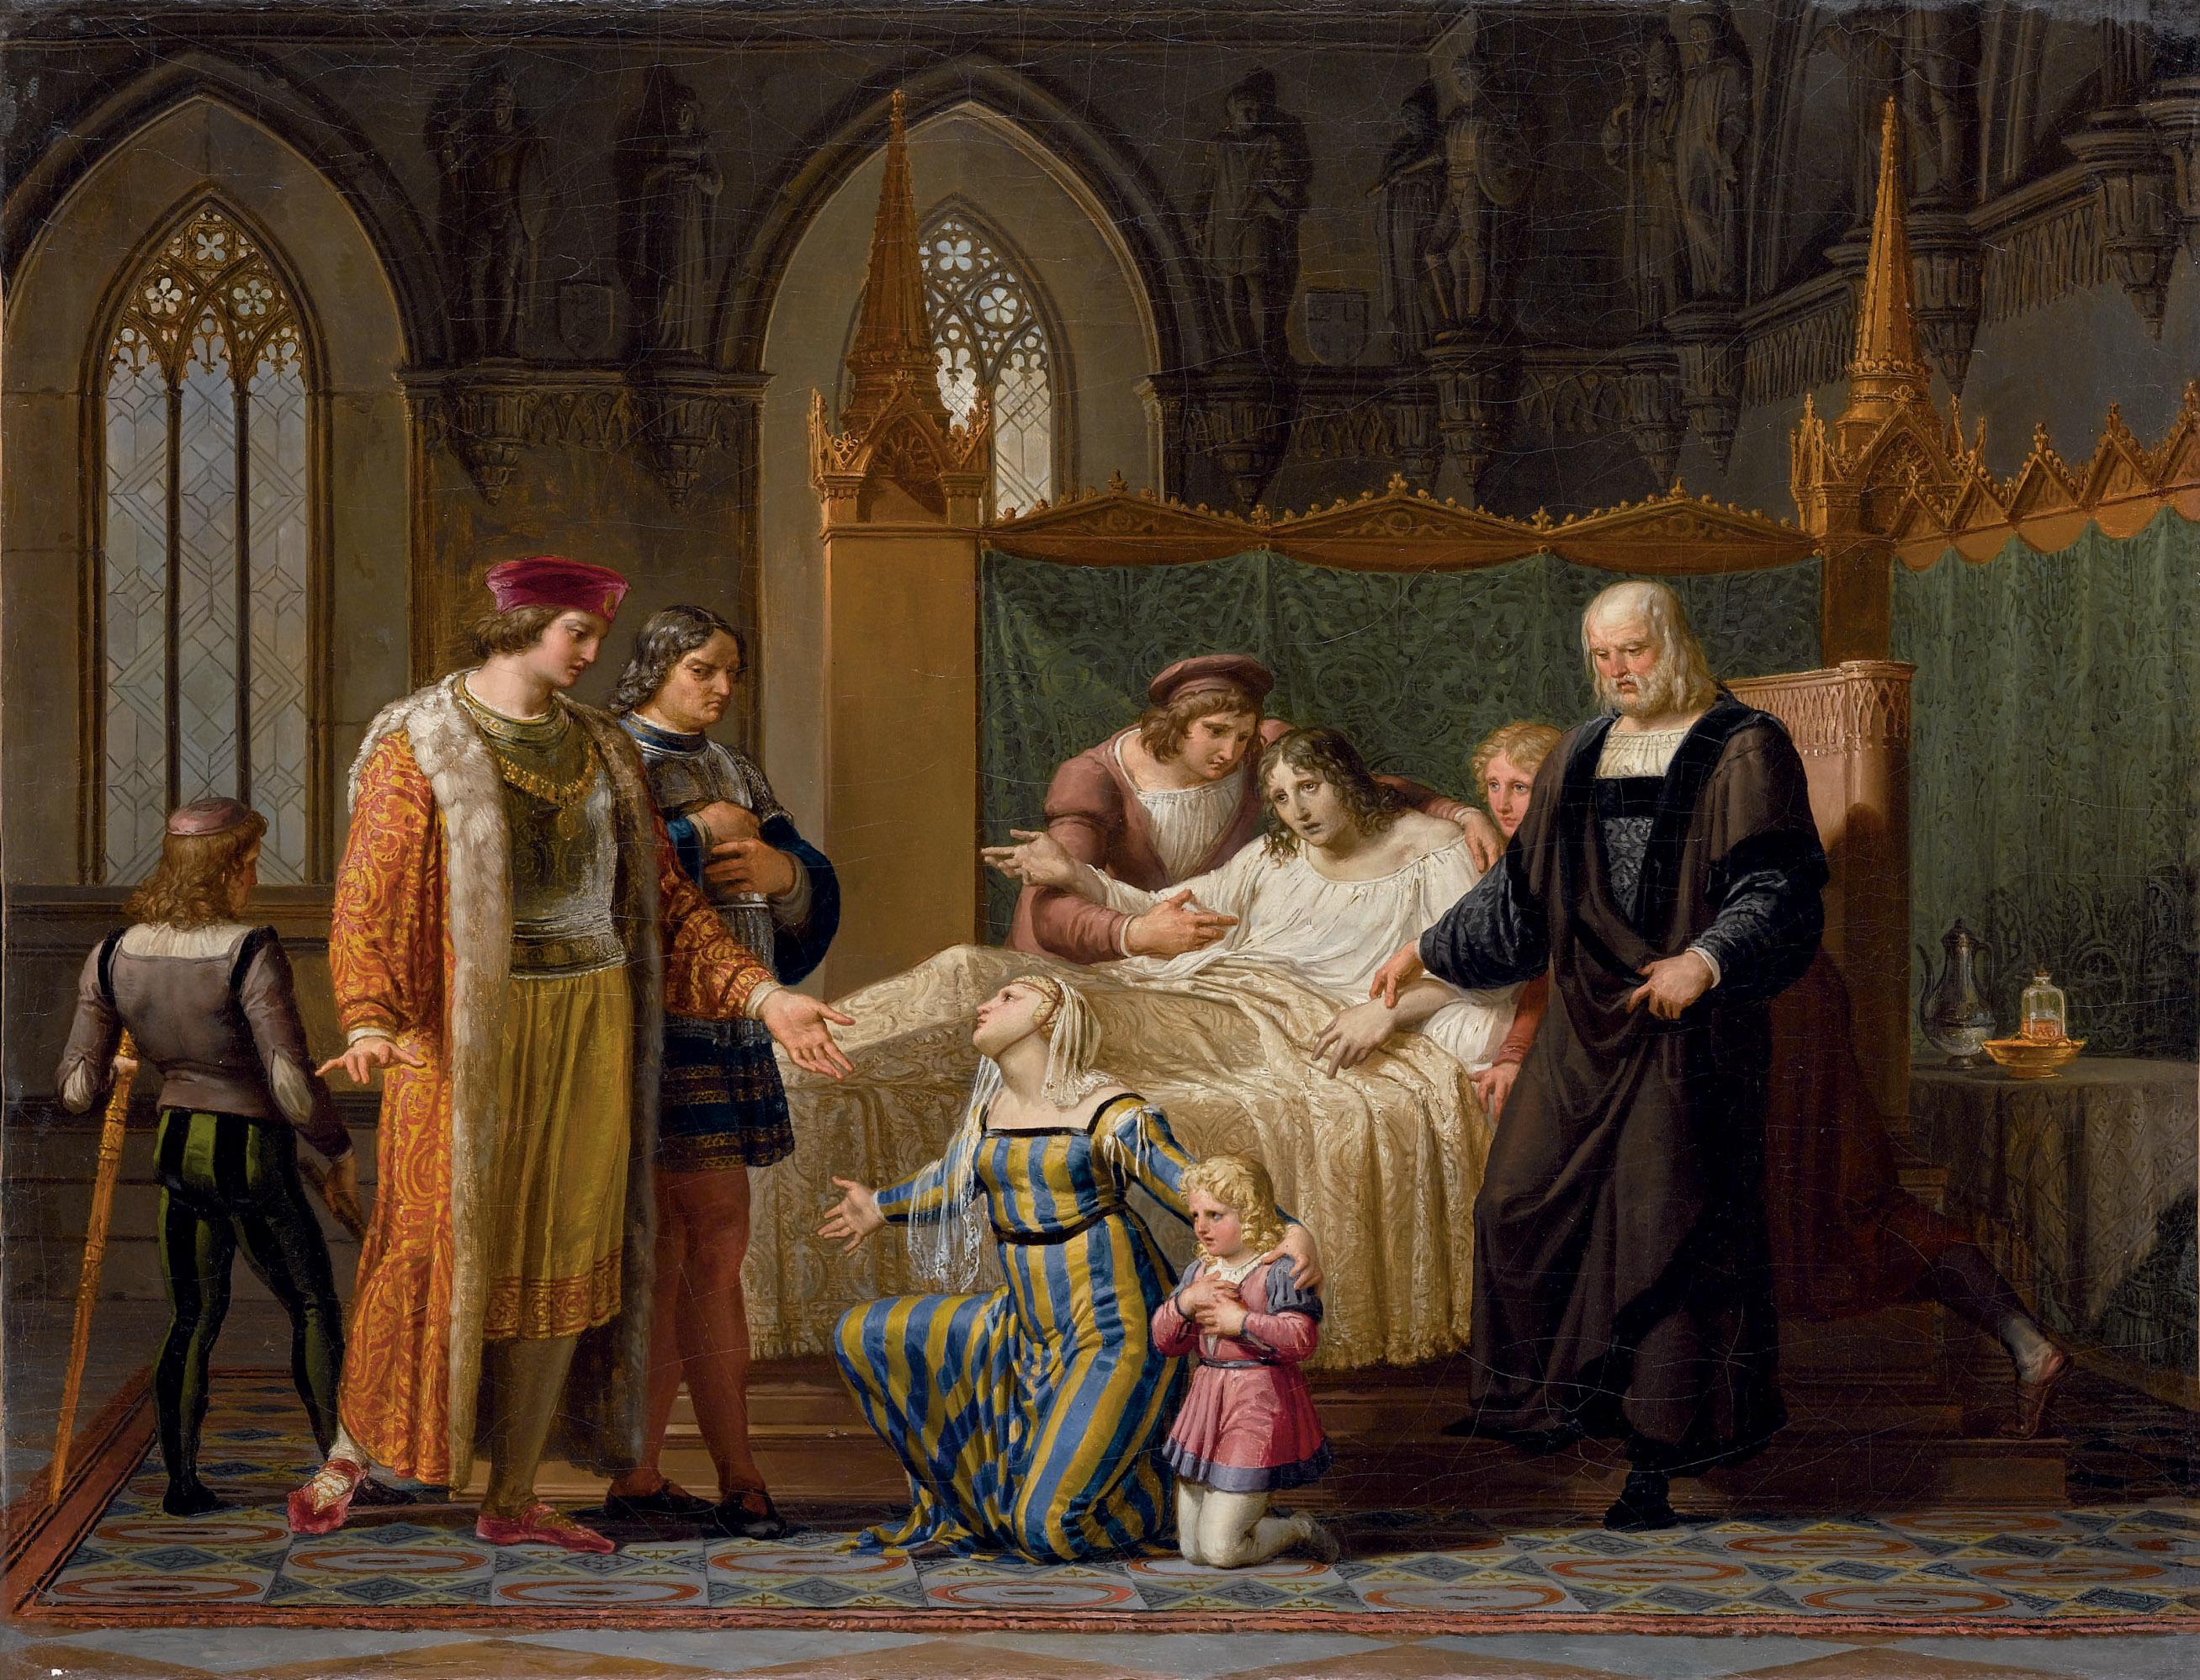 L'incontro di Carlo VIII e Gian Galeazzo Sforza a Pavia nel 1494